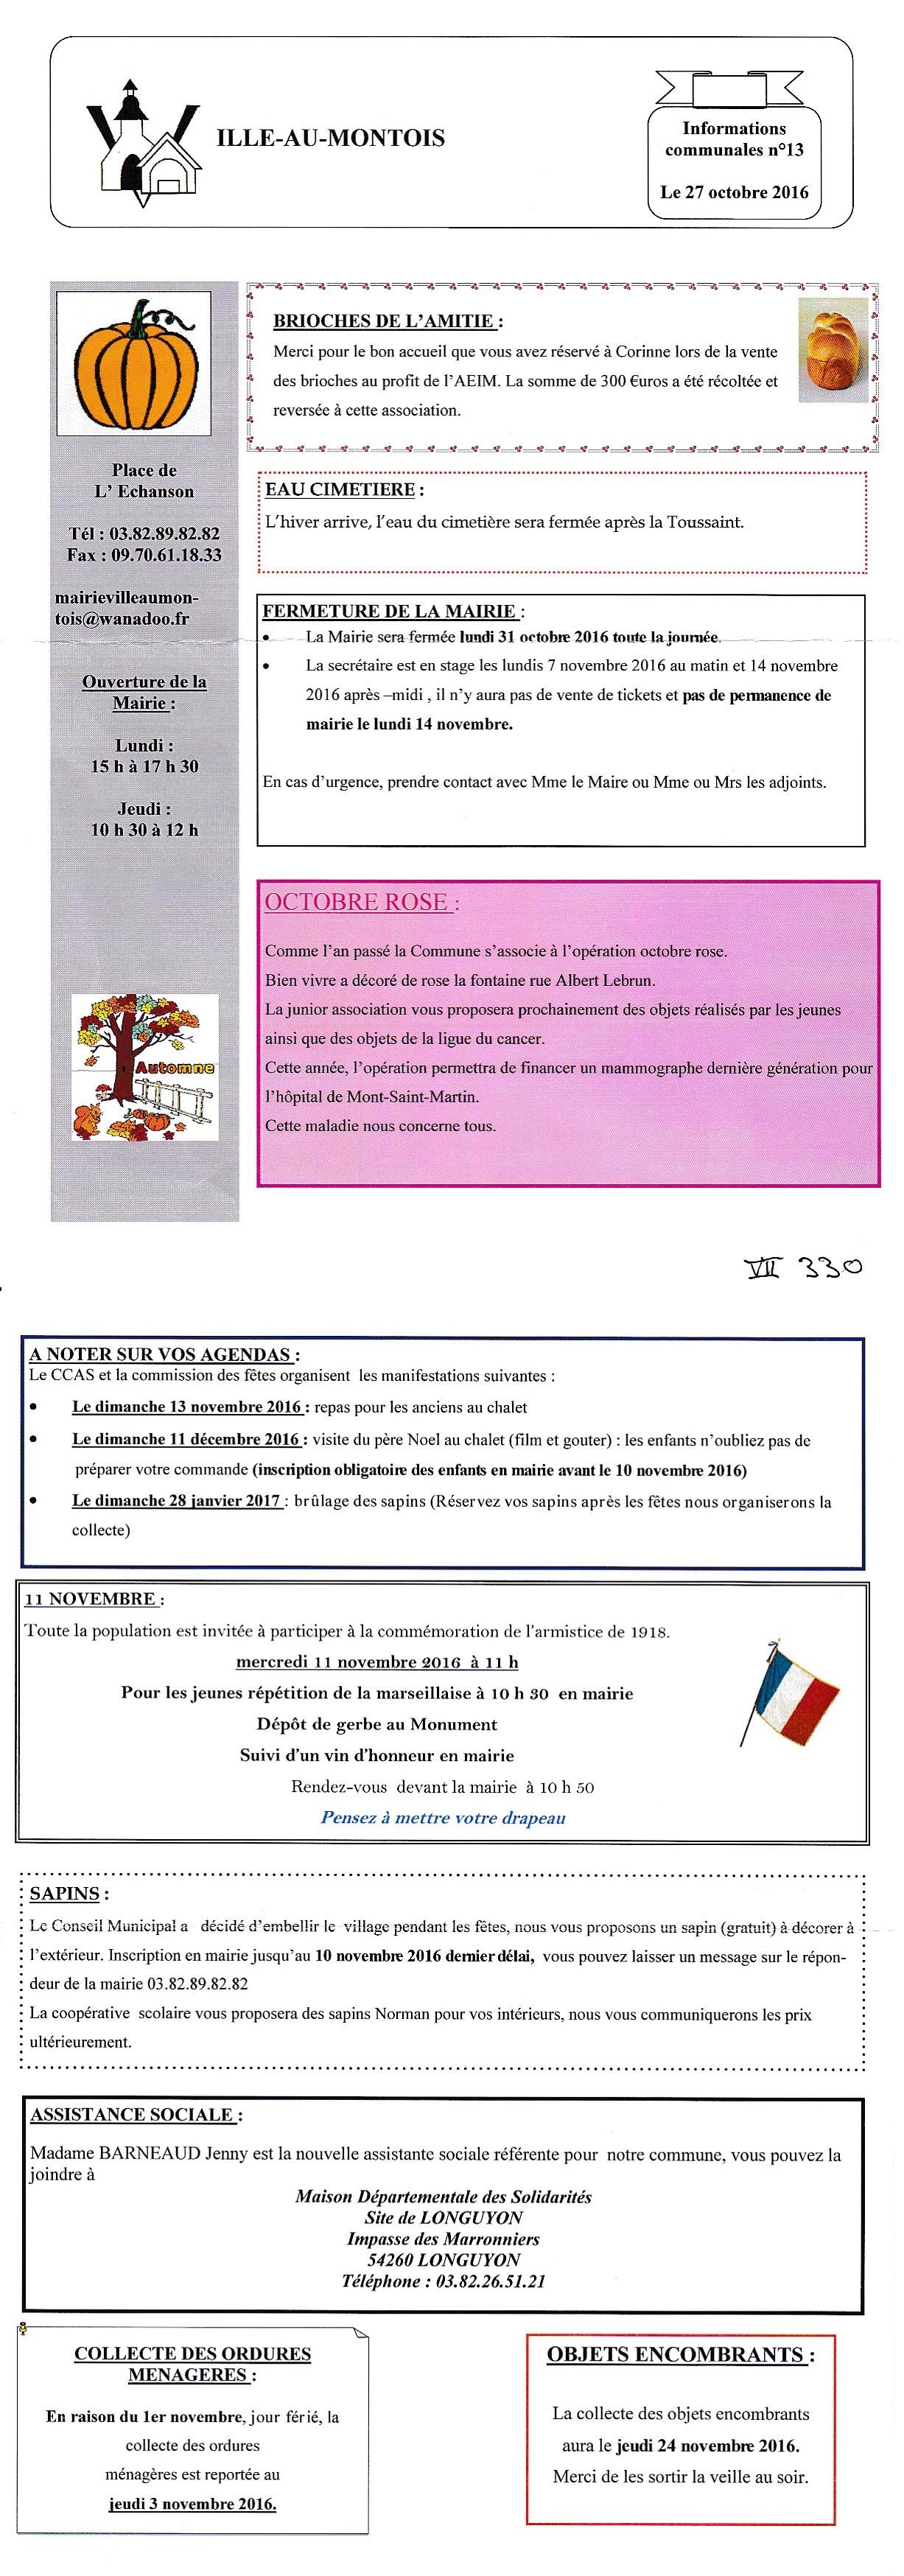 info-n13-2016